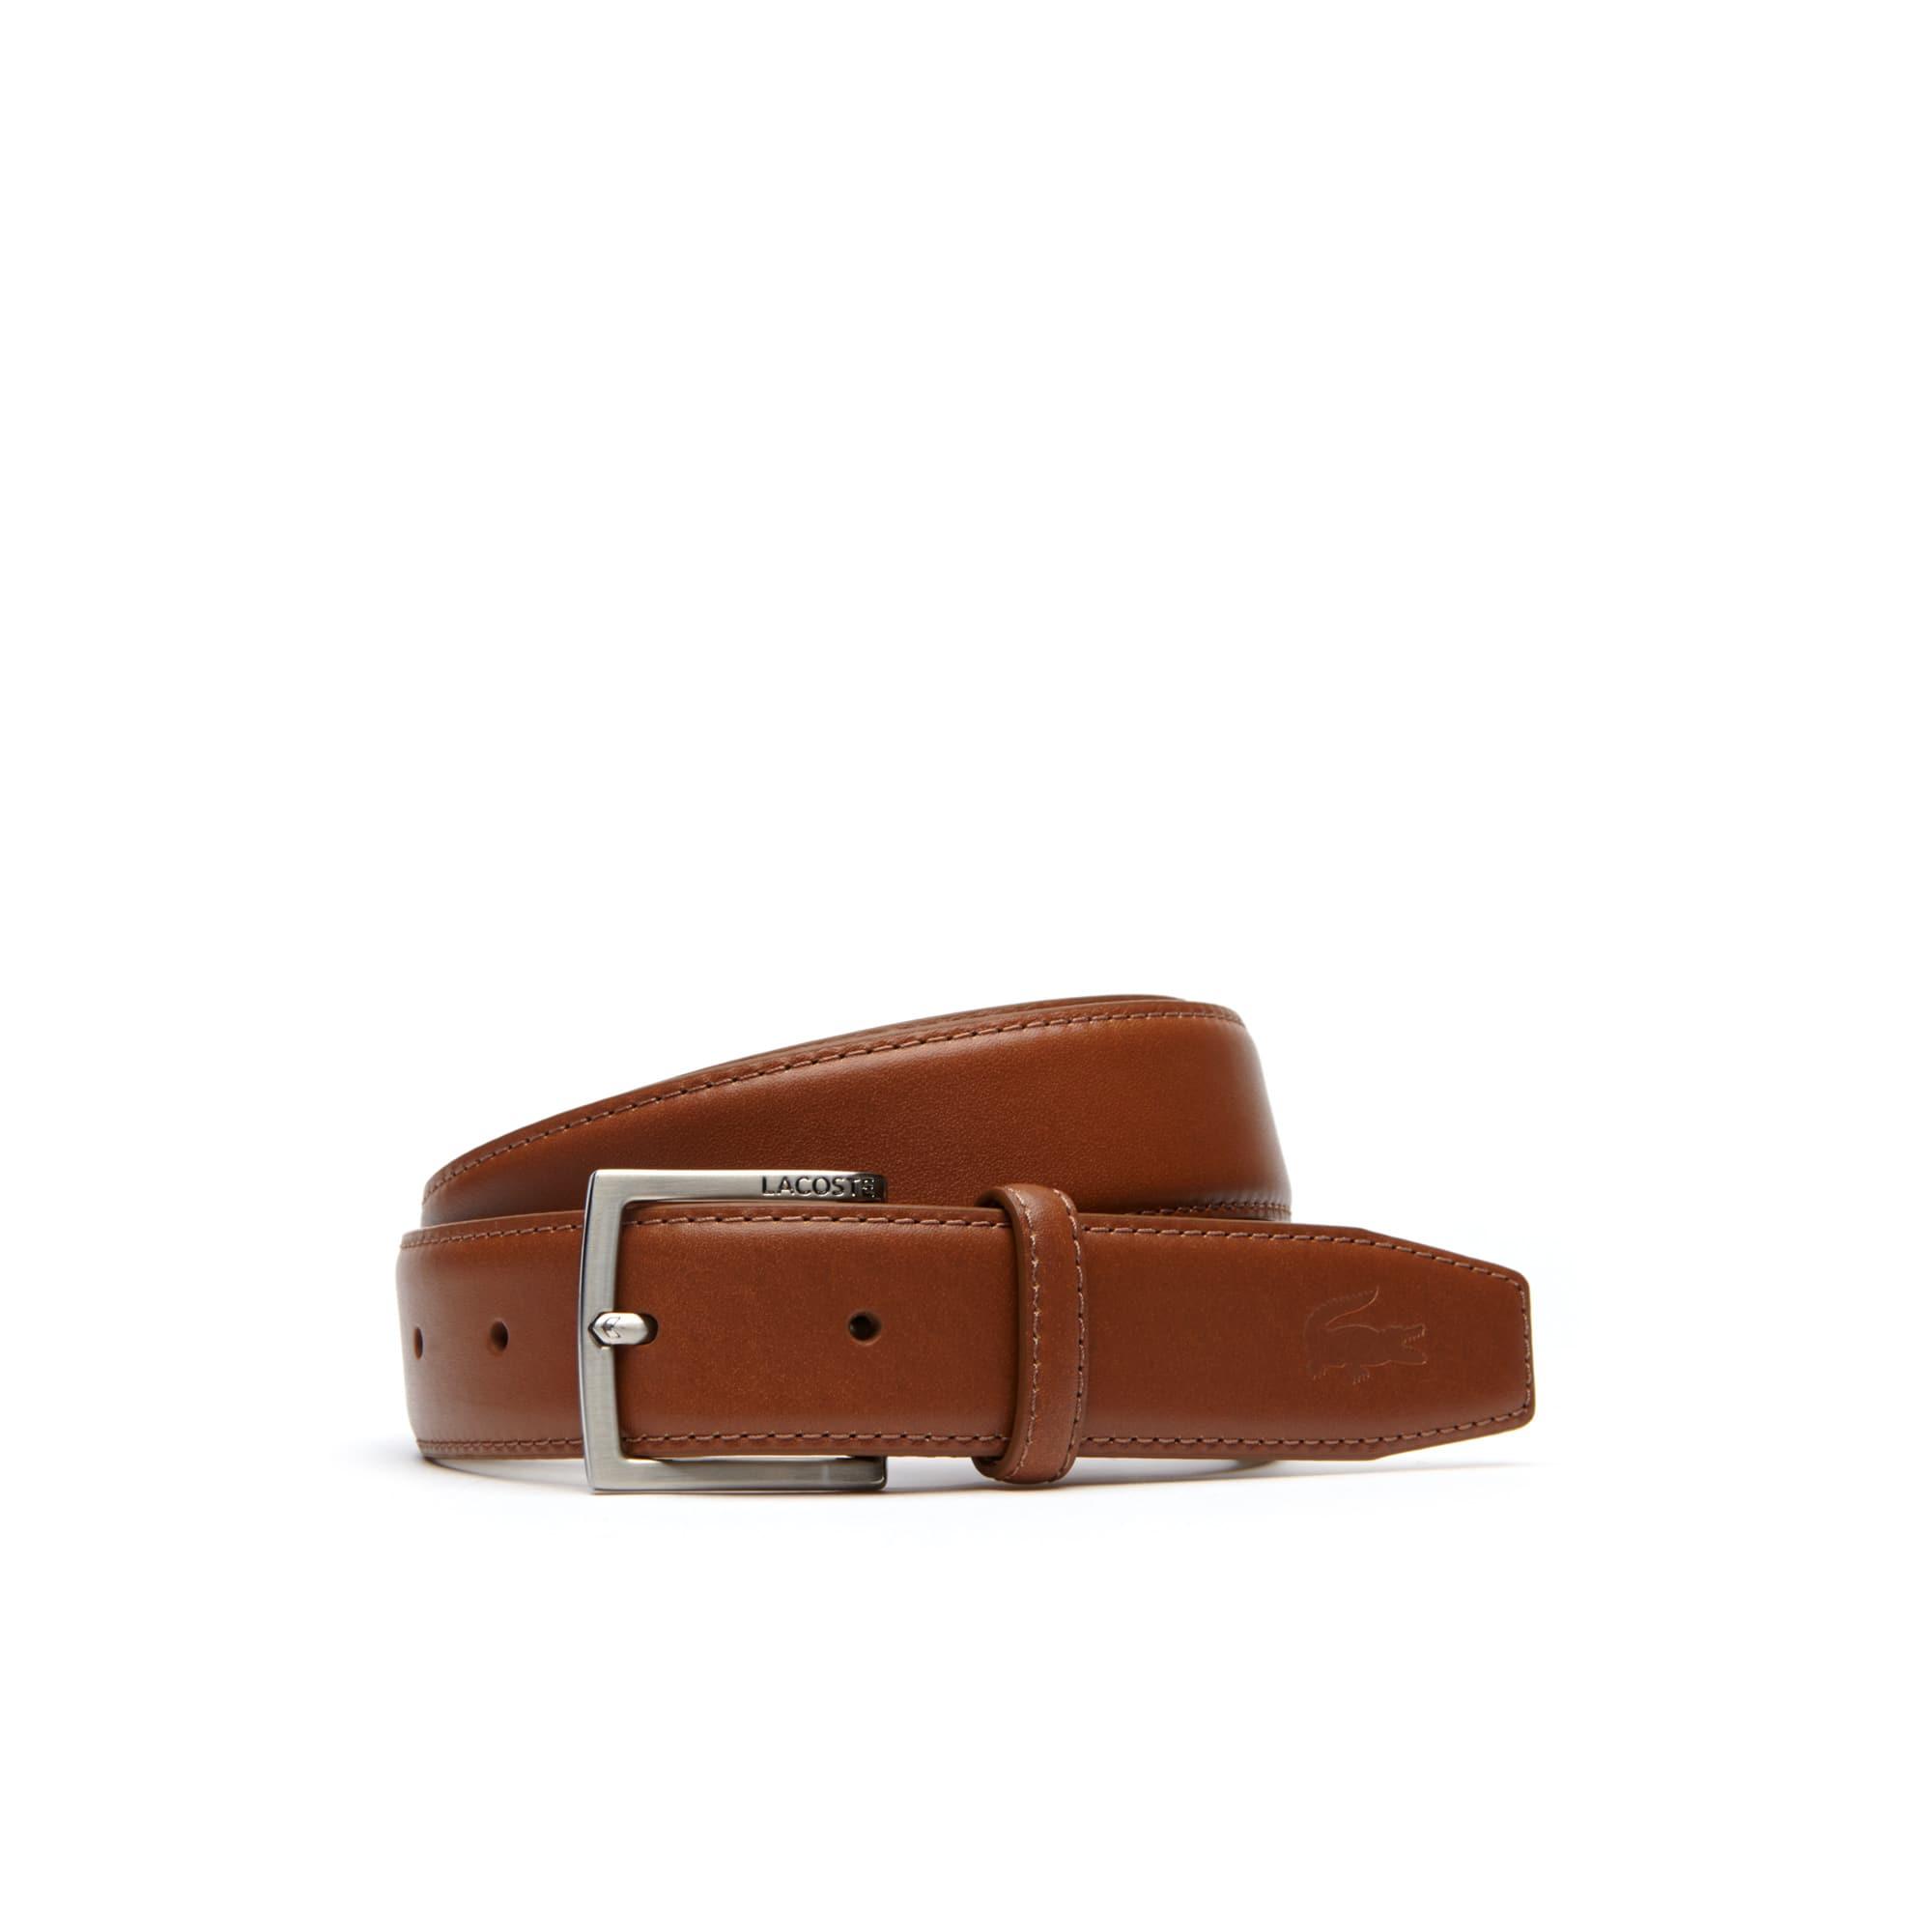 Cintura in pelle con fibbia ad ardiglione dotata di incisione Lacoste da uomo